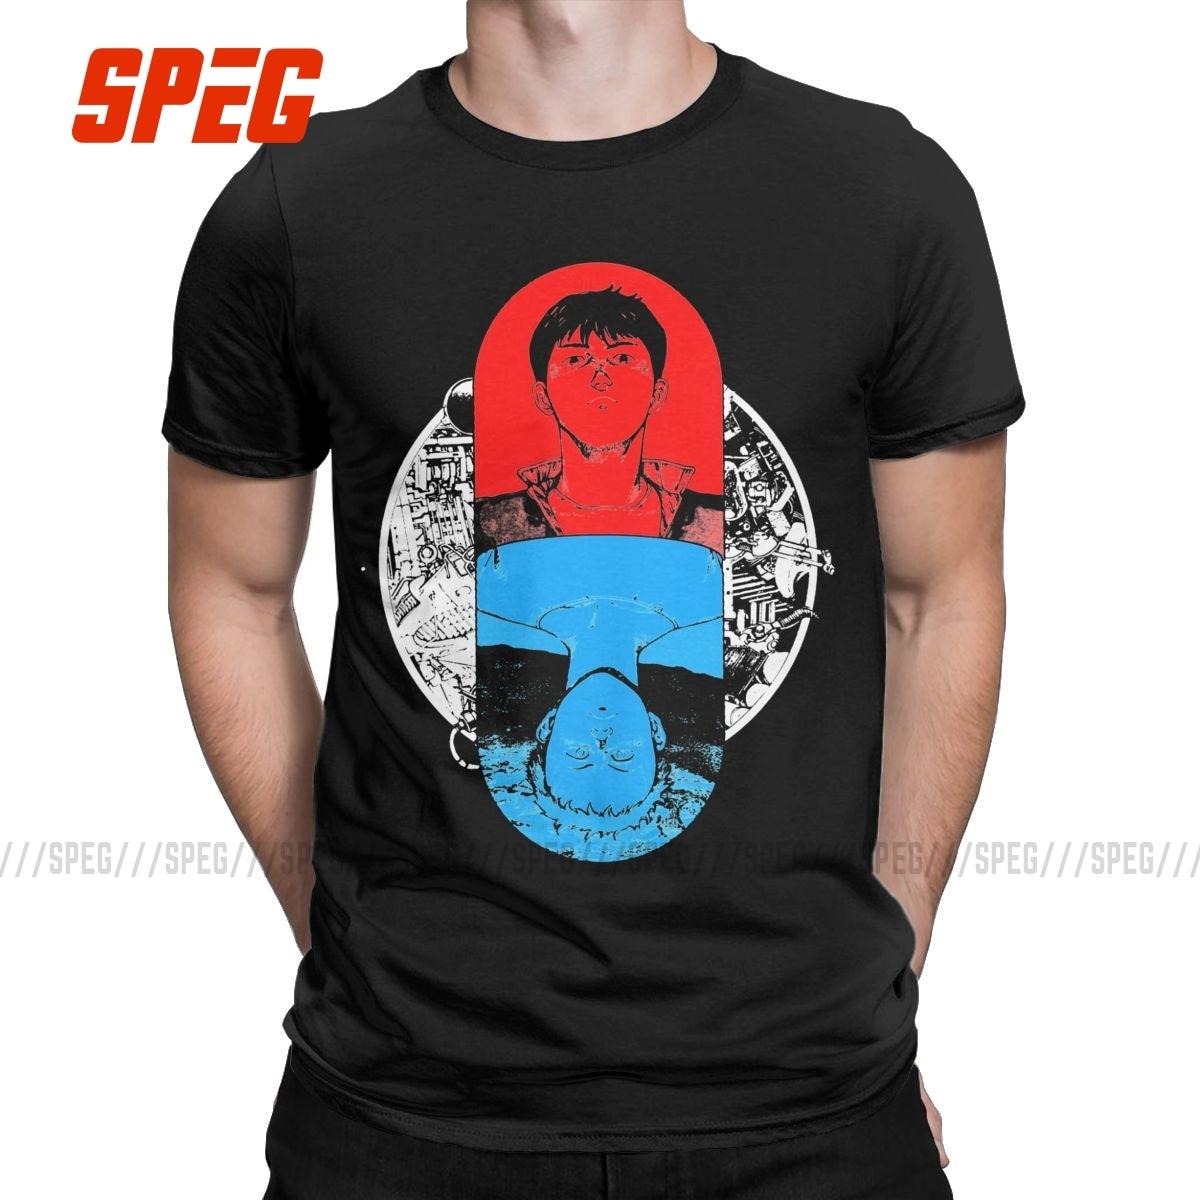 Cápsula de los hombres Akira Shotaro Kaneda Anime The Pill Camiseta 100%...